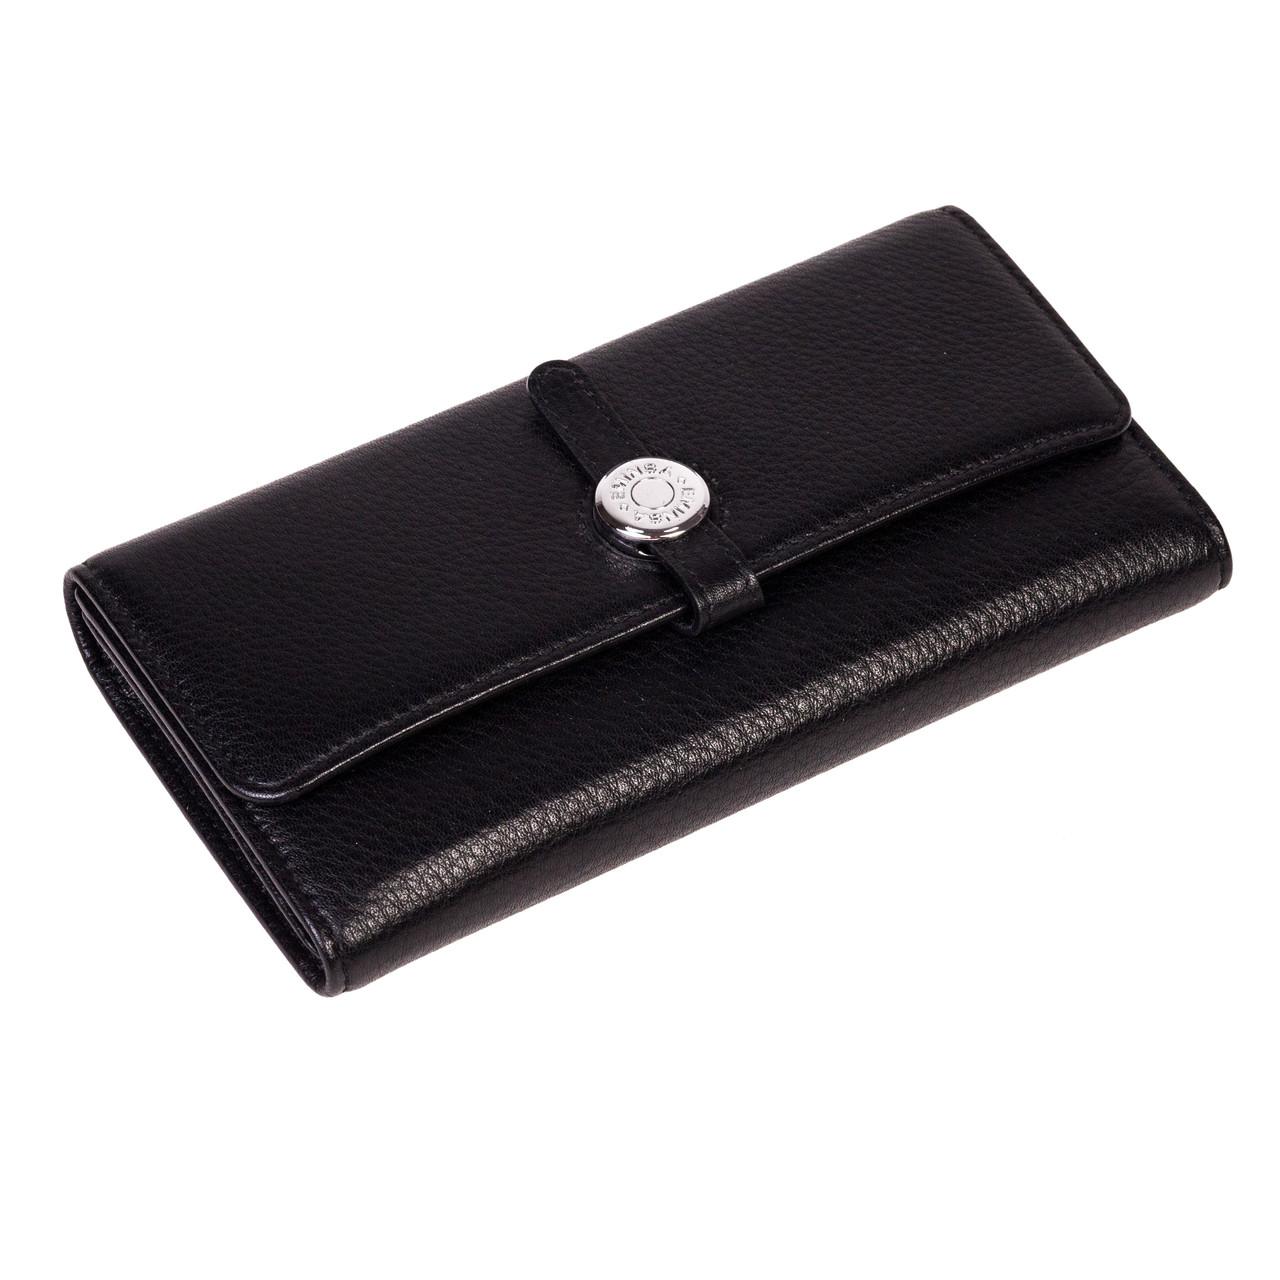 Женский кошелек Eminsa 2114-12-1 кожаный черный